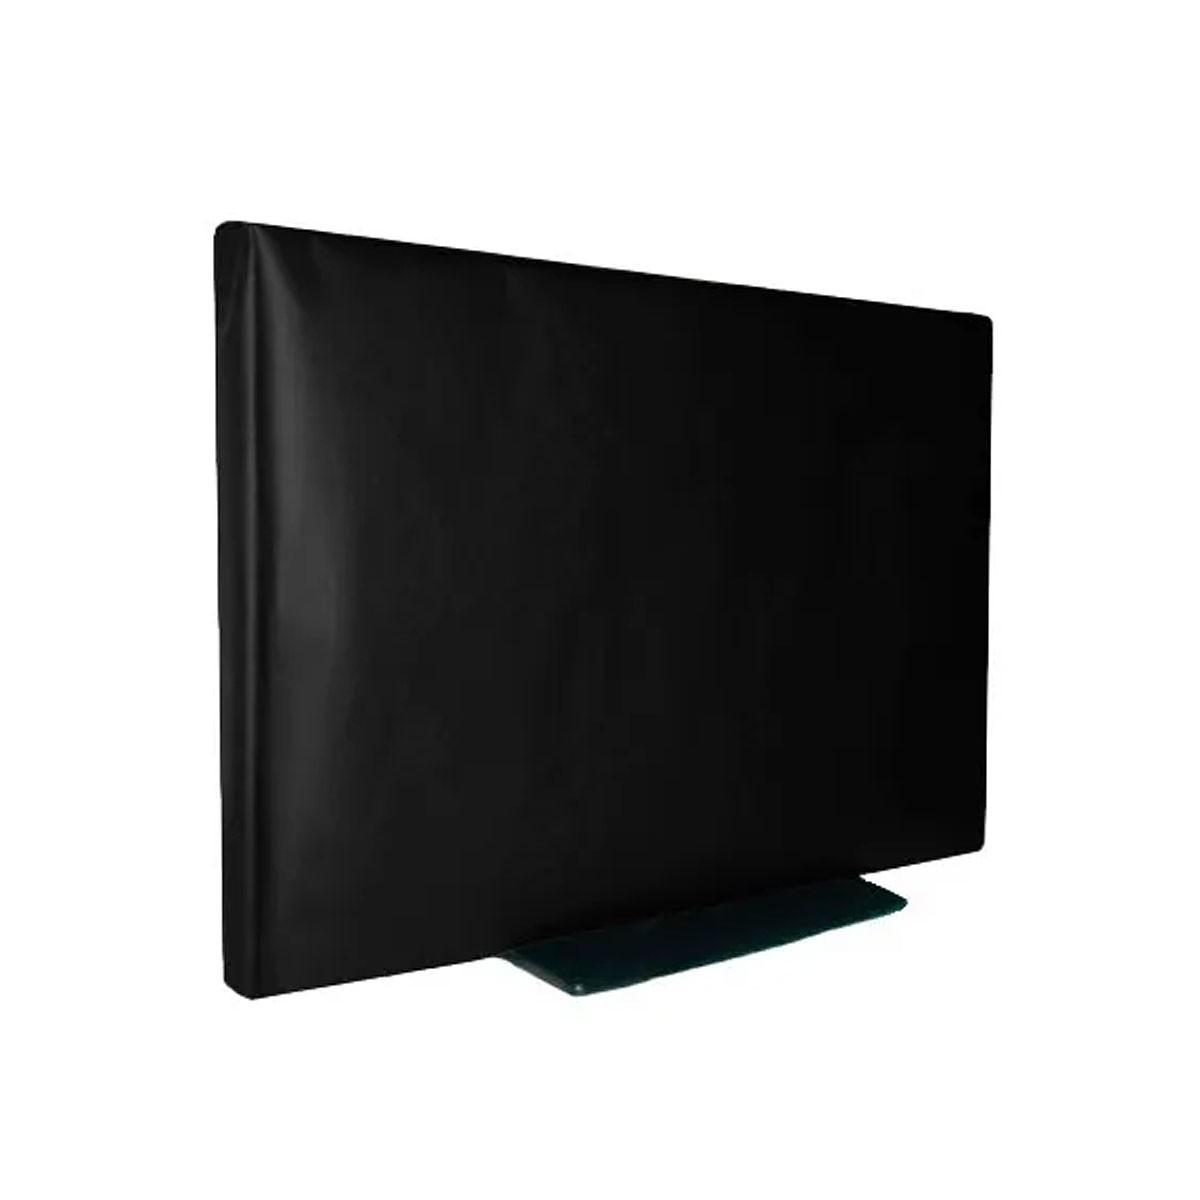 Capa Tv Lcd 32 Em Corino Com Velcro Não Sai Com O Vento